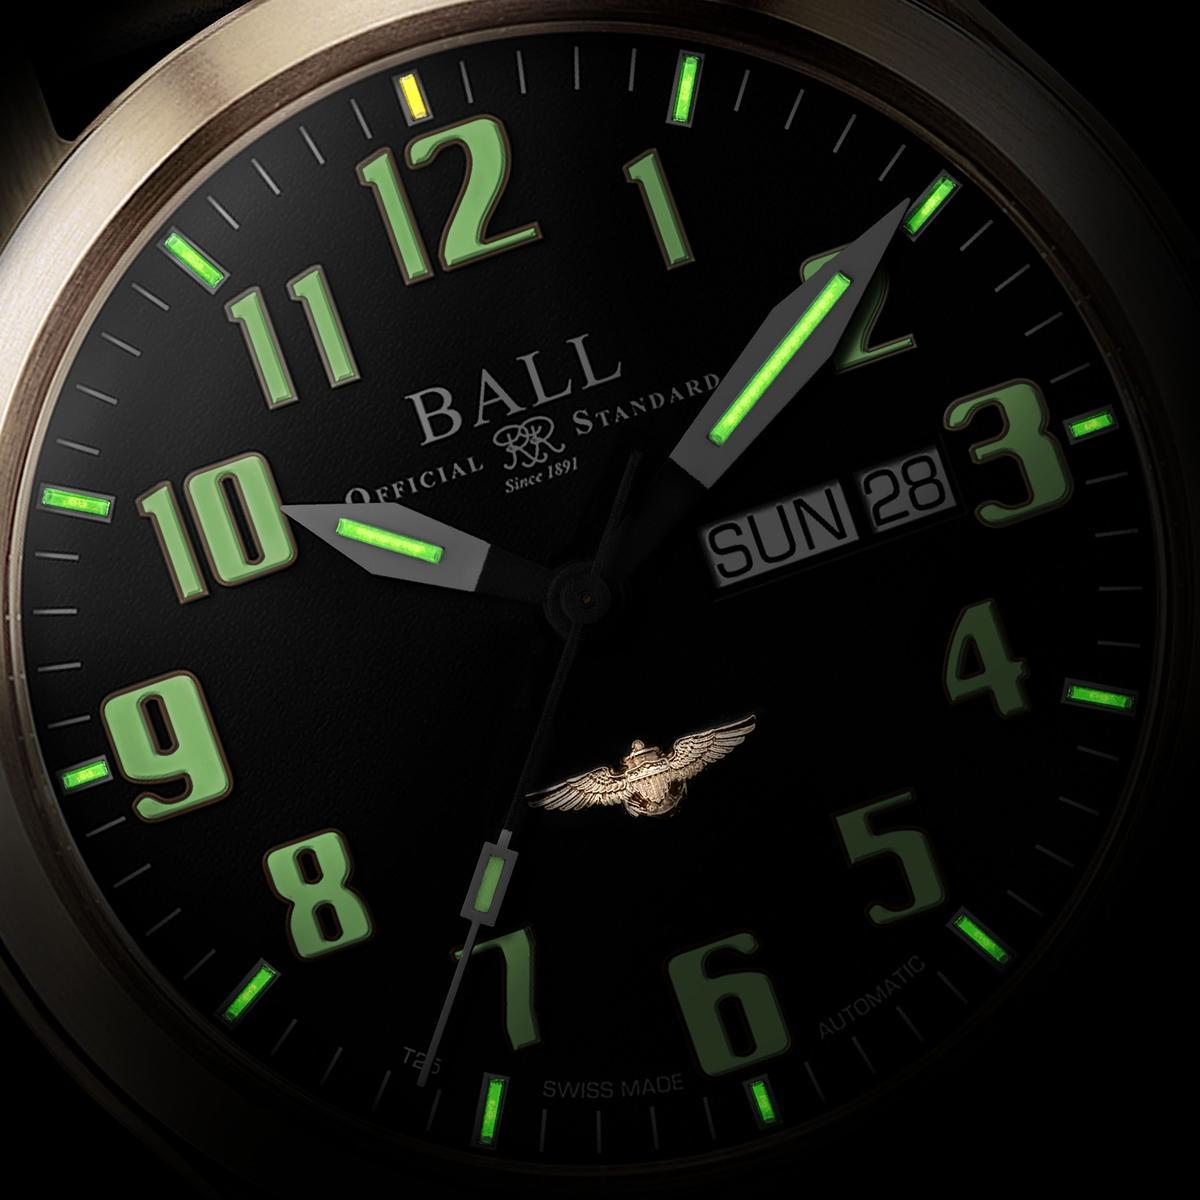 新的青銅錶同樣擁有BALL招牌的自體發光氣燈,而阿拉伯數字時標則用夜光塗層來呈現。